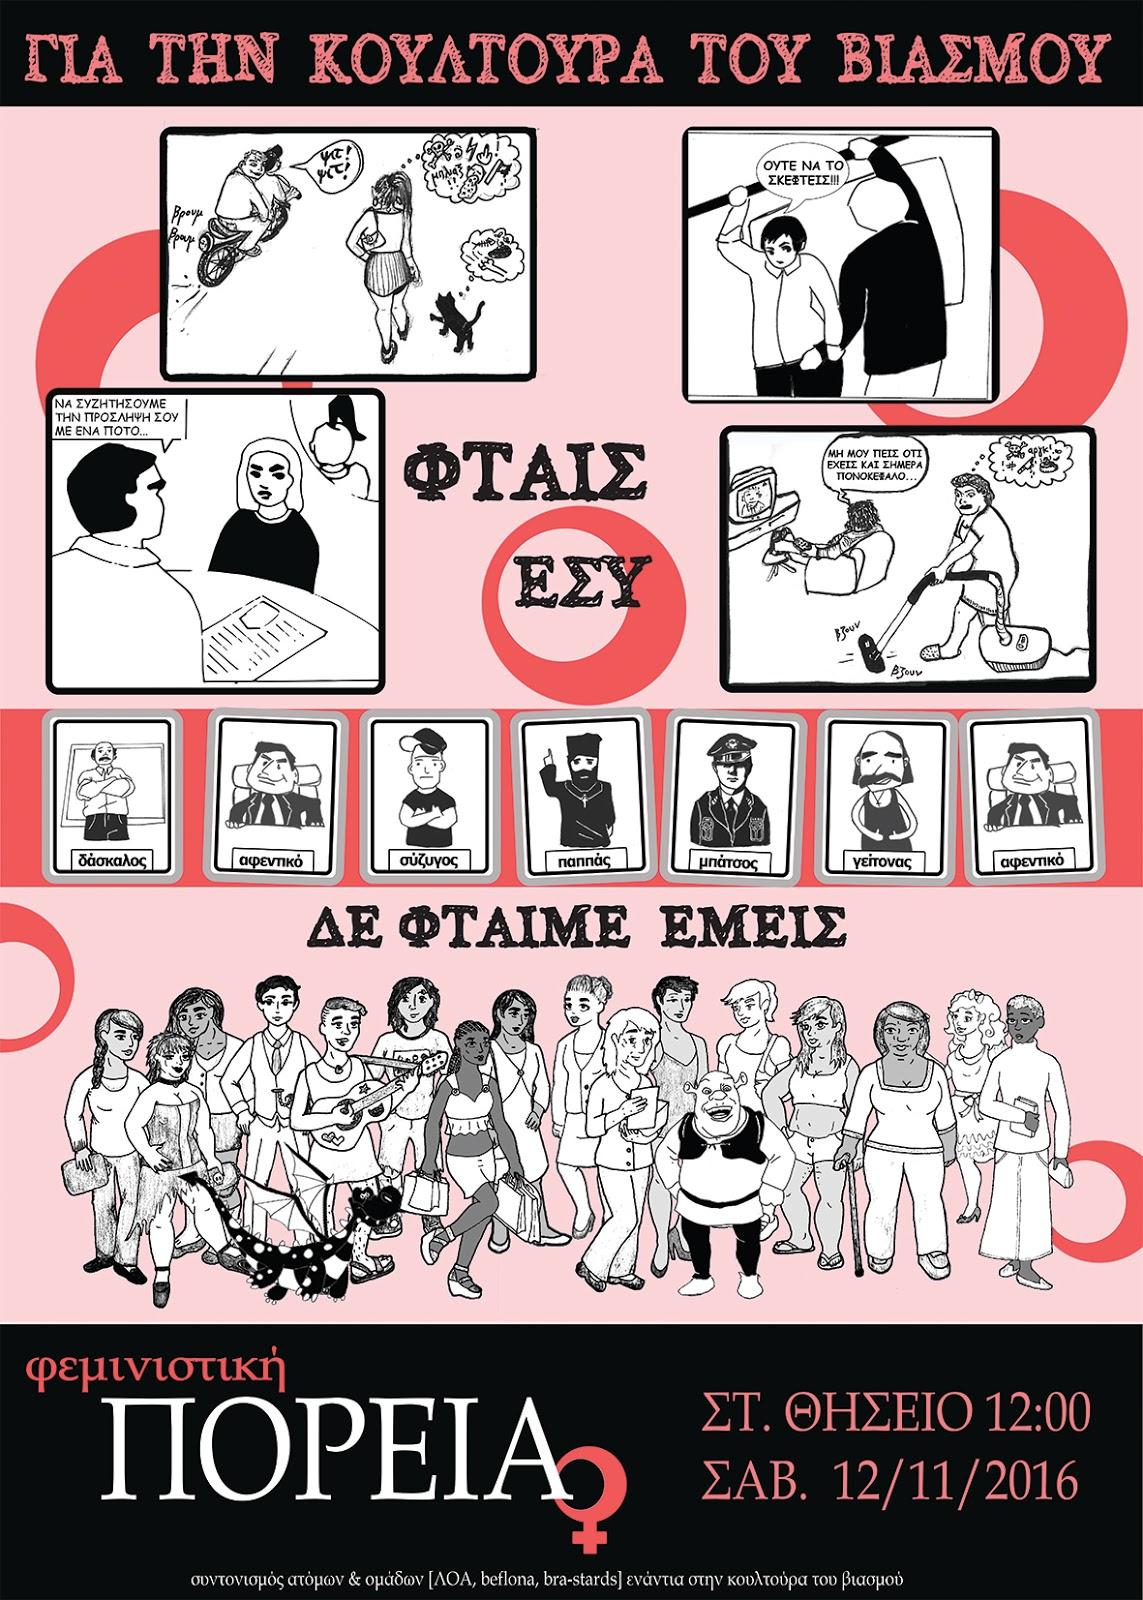 Φεμινιστική πορεία ενάντια στην κουλτούρα του βιασμού: 12/11